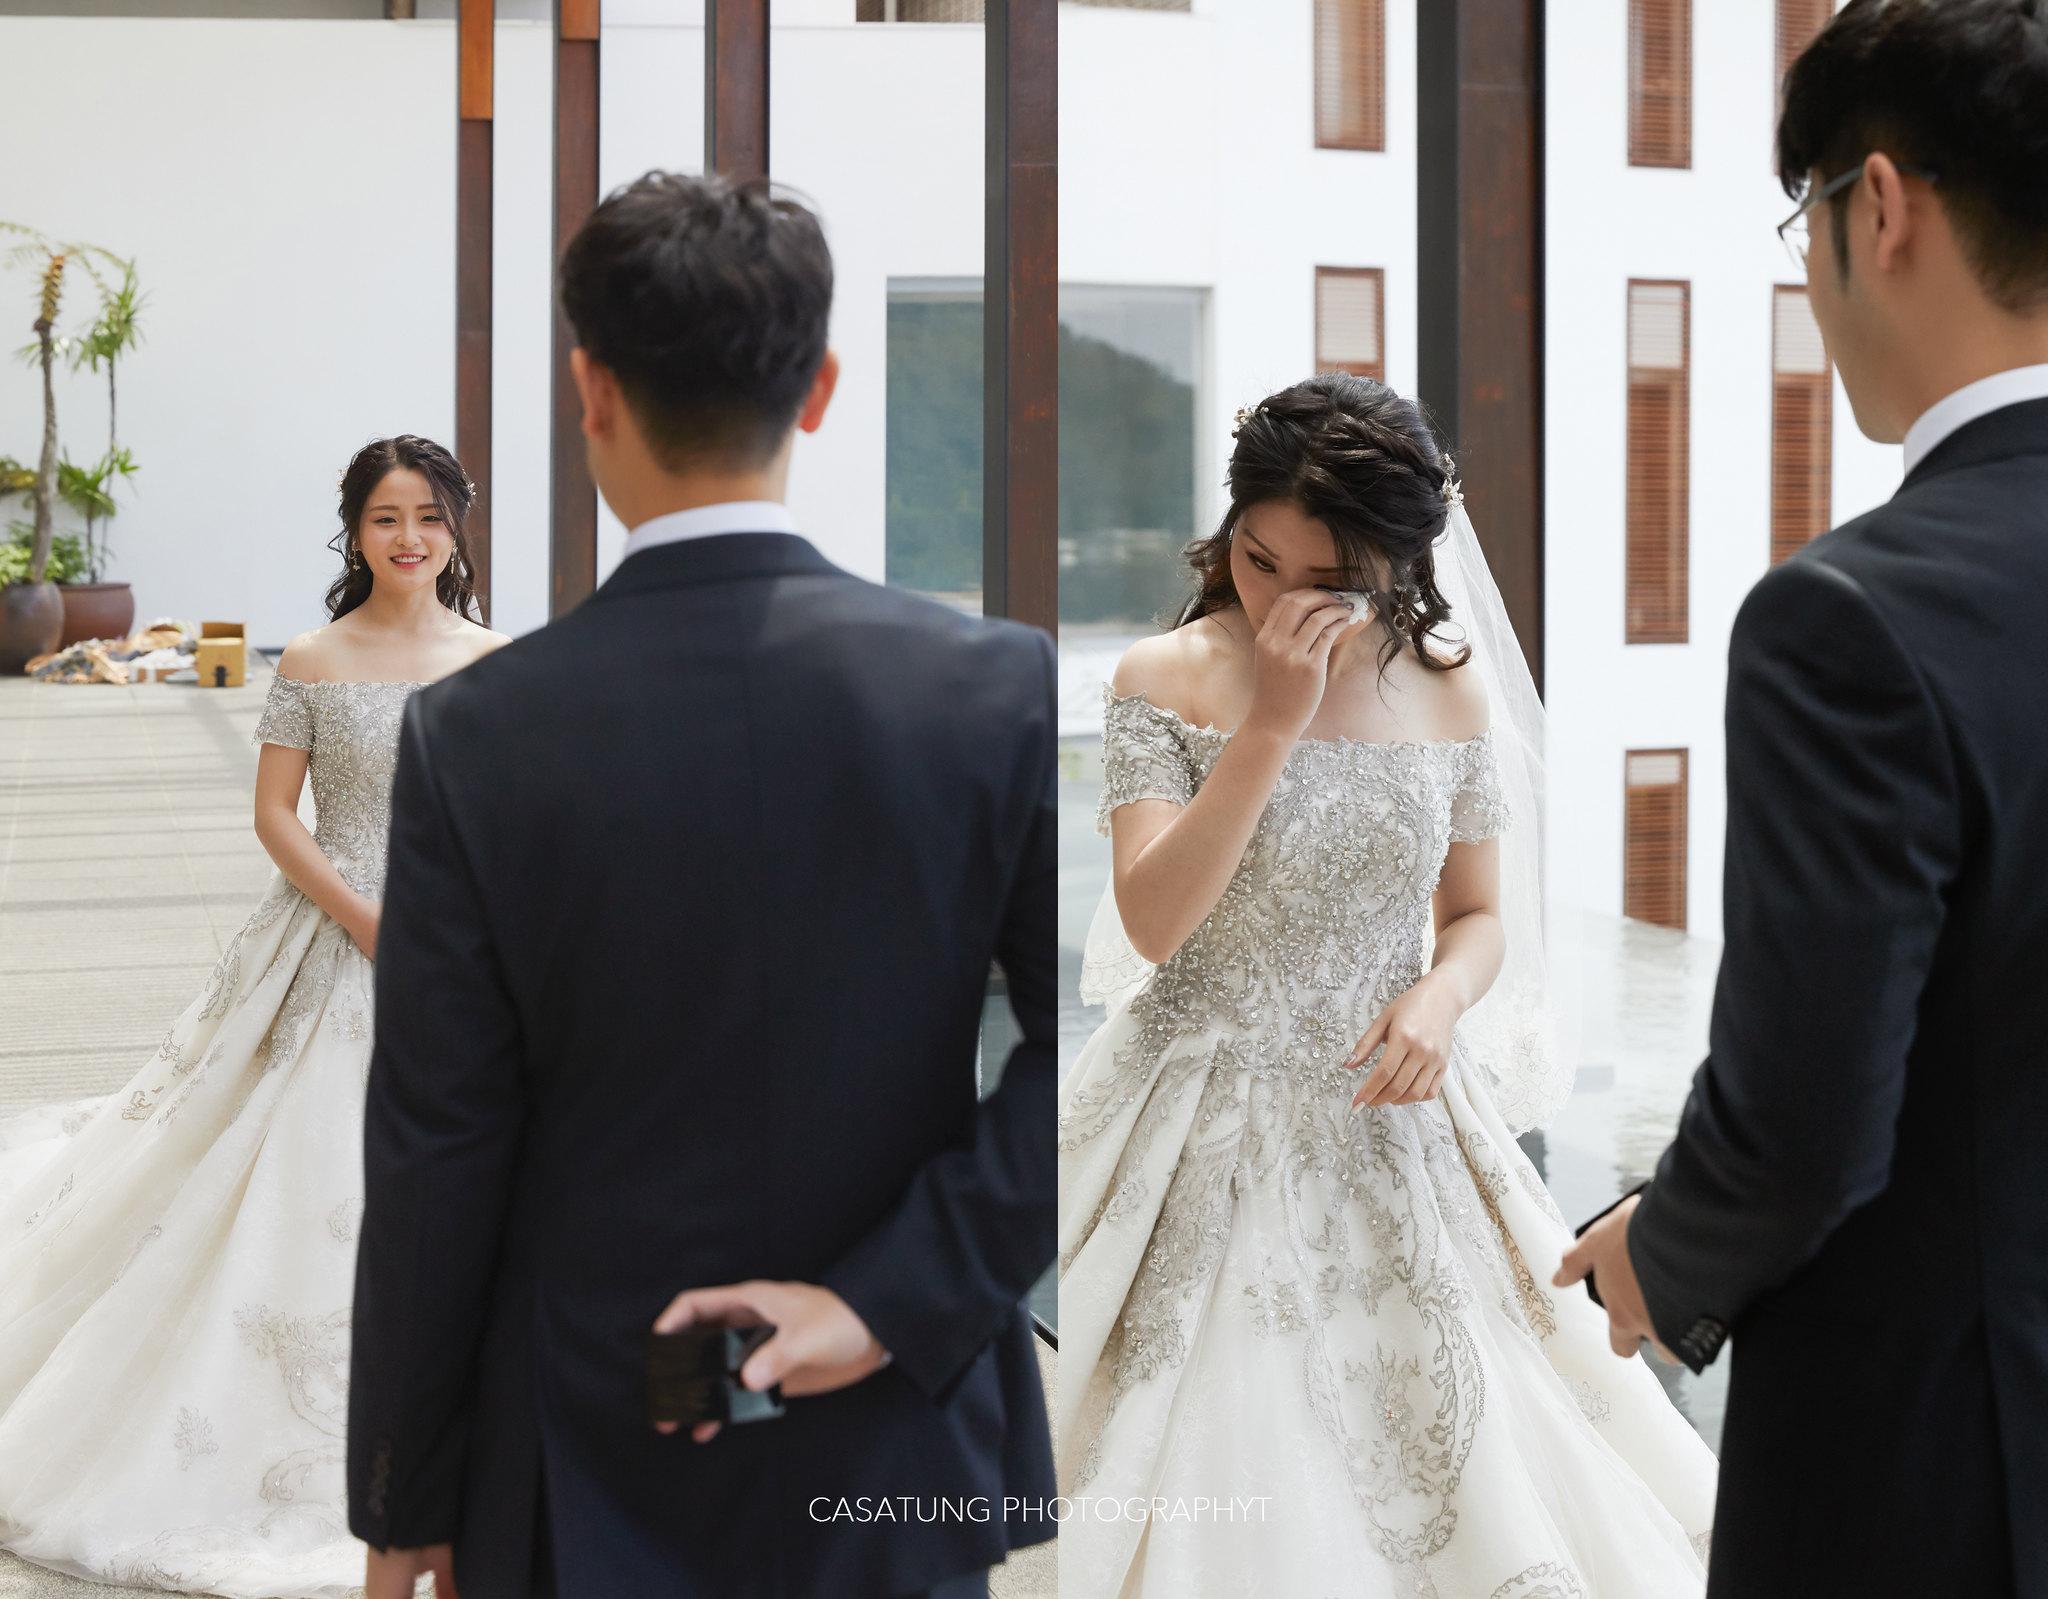 日月潭婚禮, 台中婚攝, 婚禮紀錄, 婚攝推薦, 涵碧樓婚禮, casa, casatung.台中婚攝casa-14